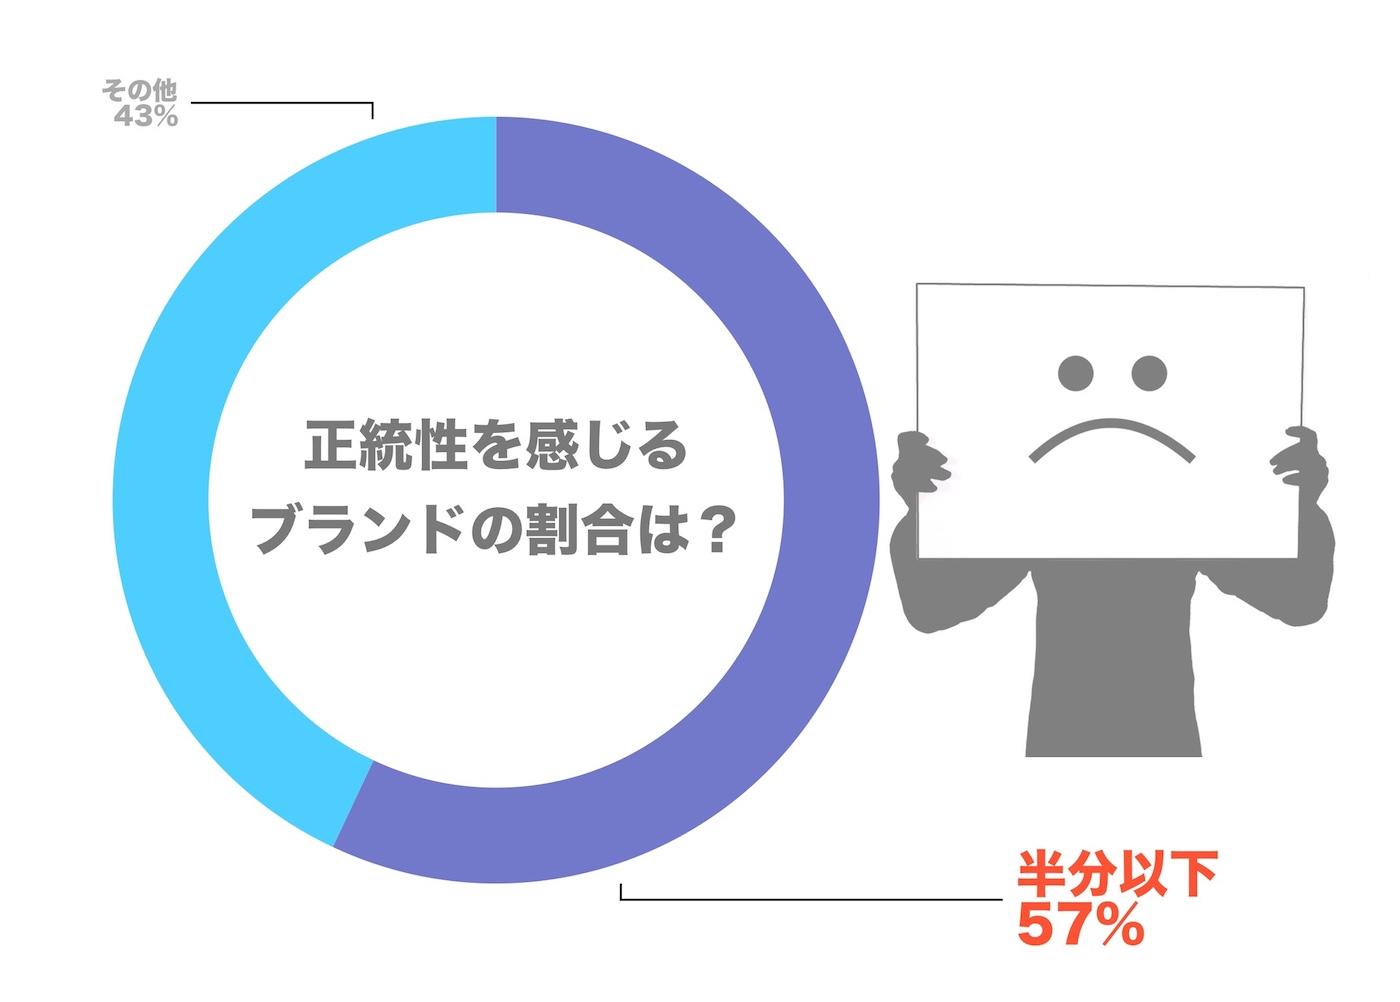 2. 正統性を感じるブランドの割合.jpg